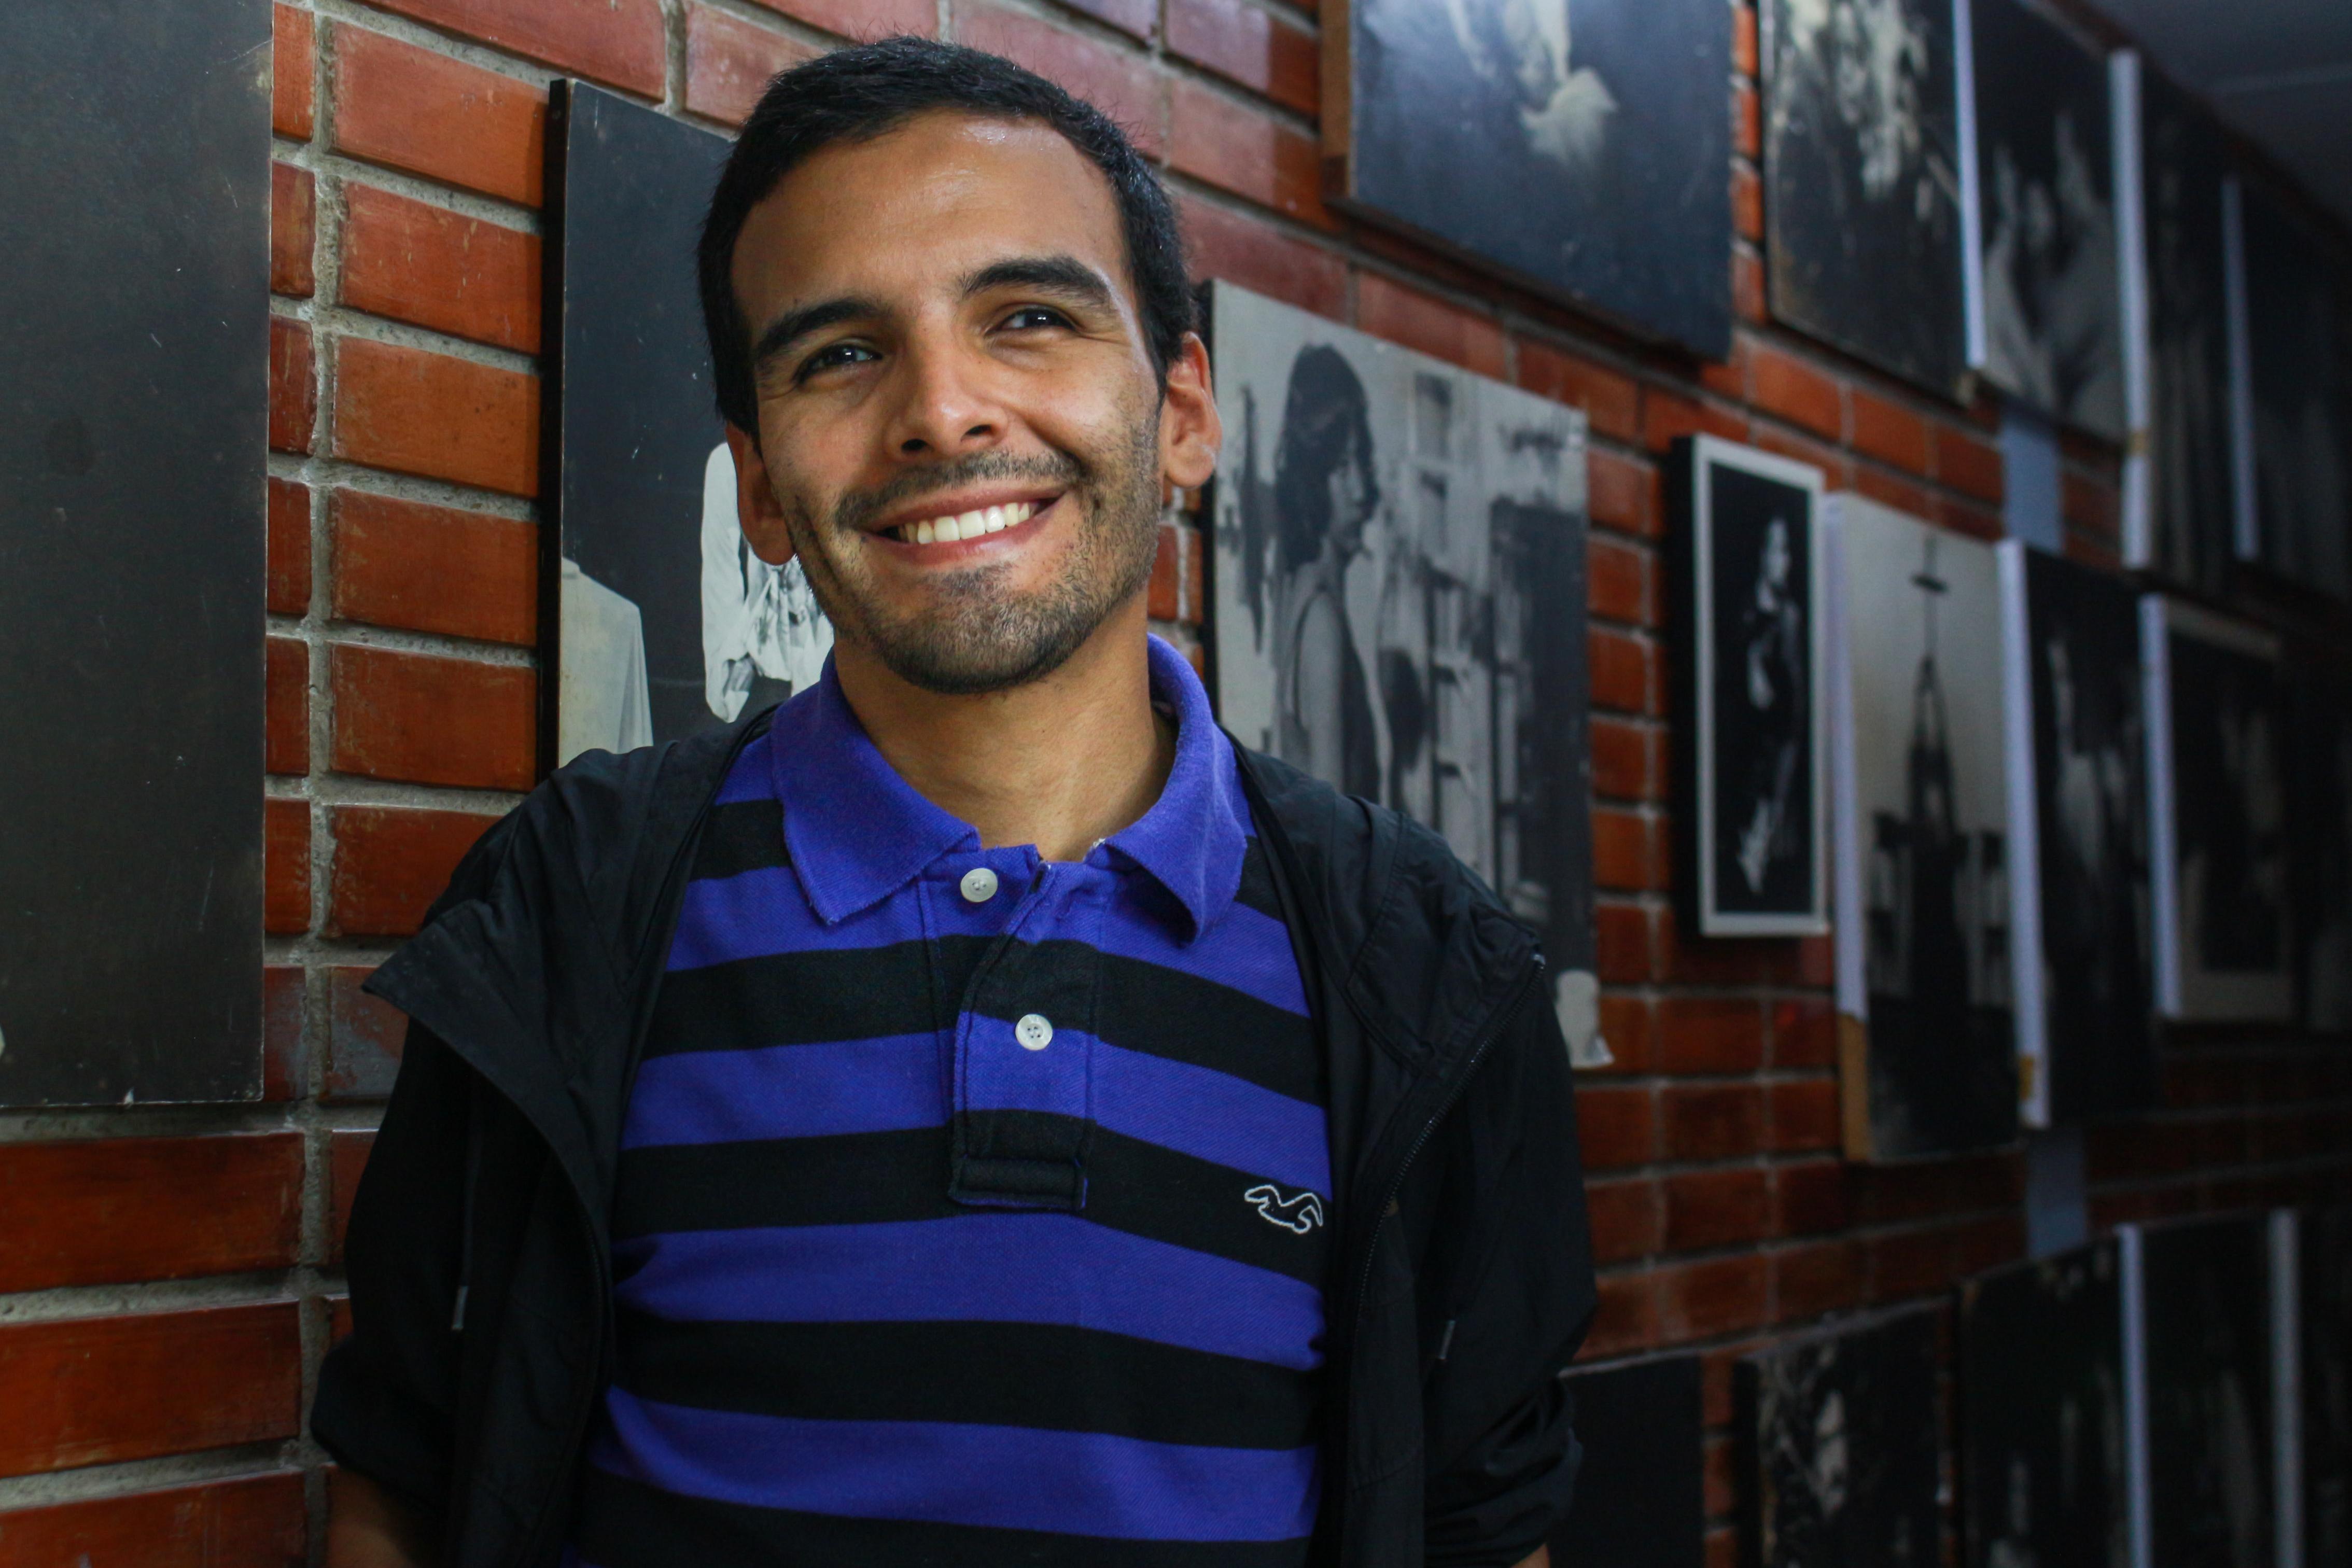 Profesores que inspiran: Jesús Navas